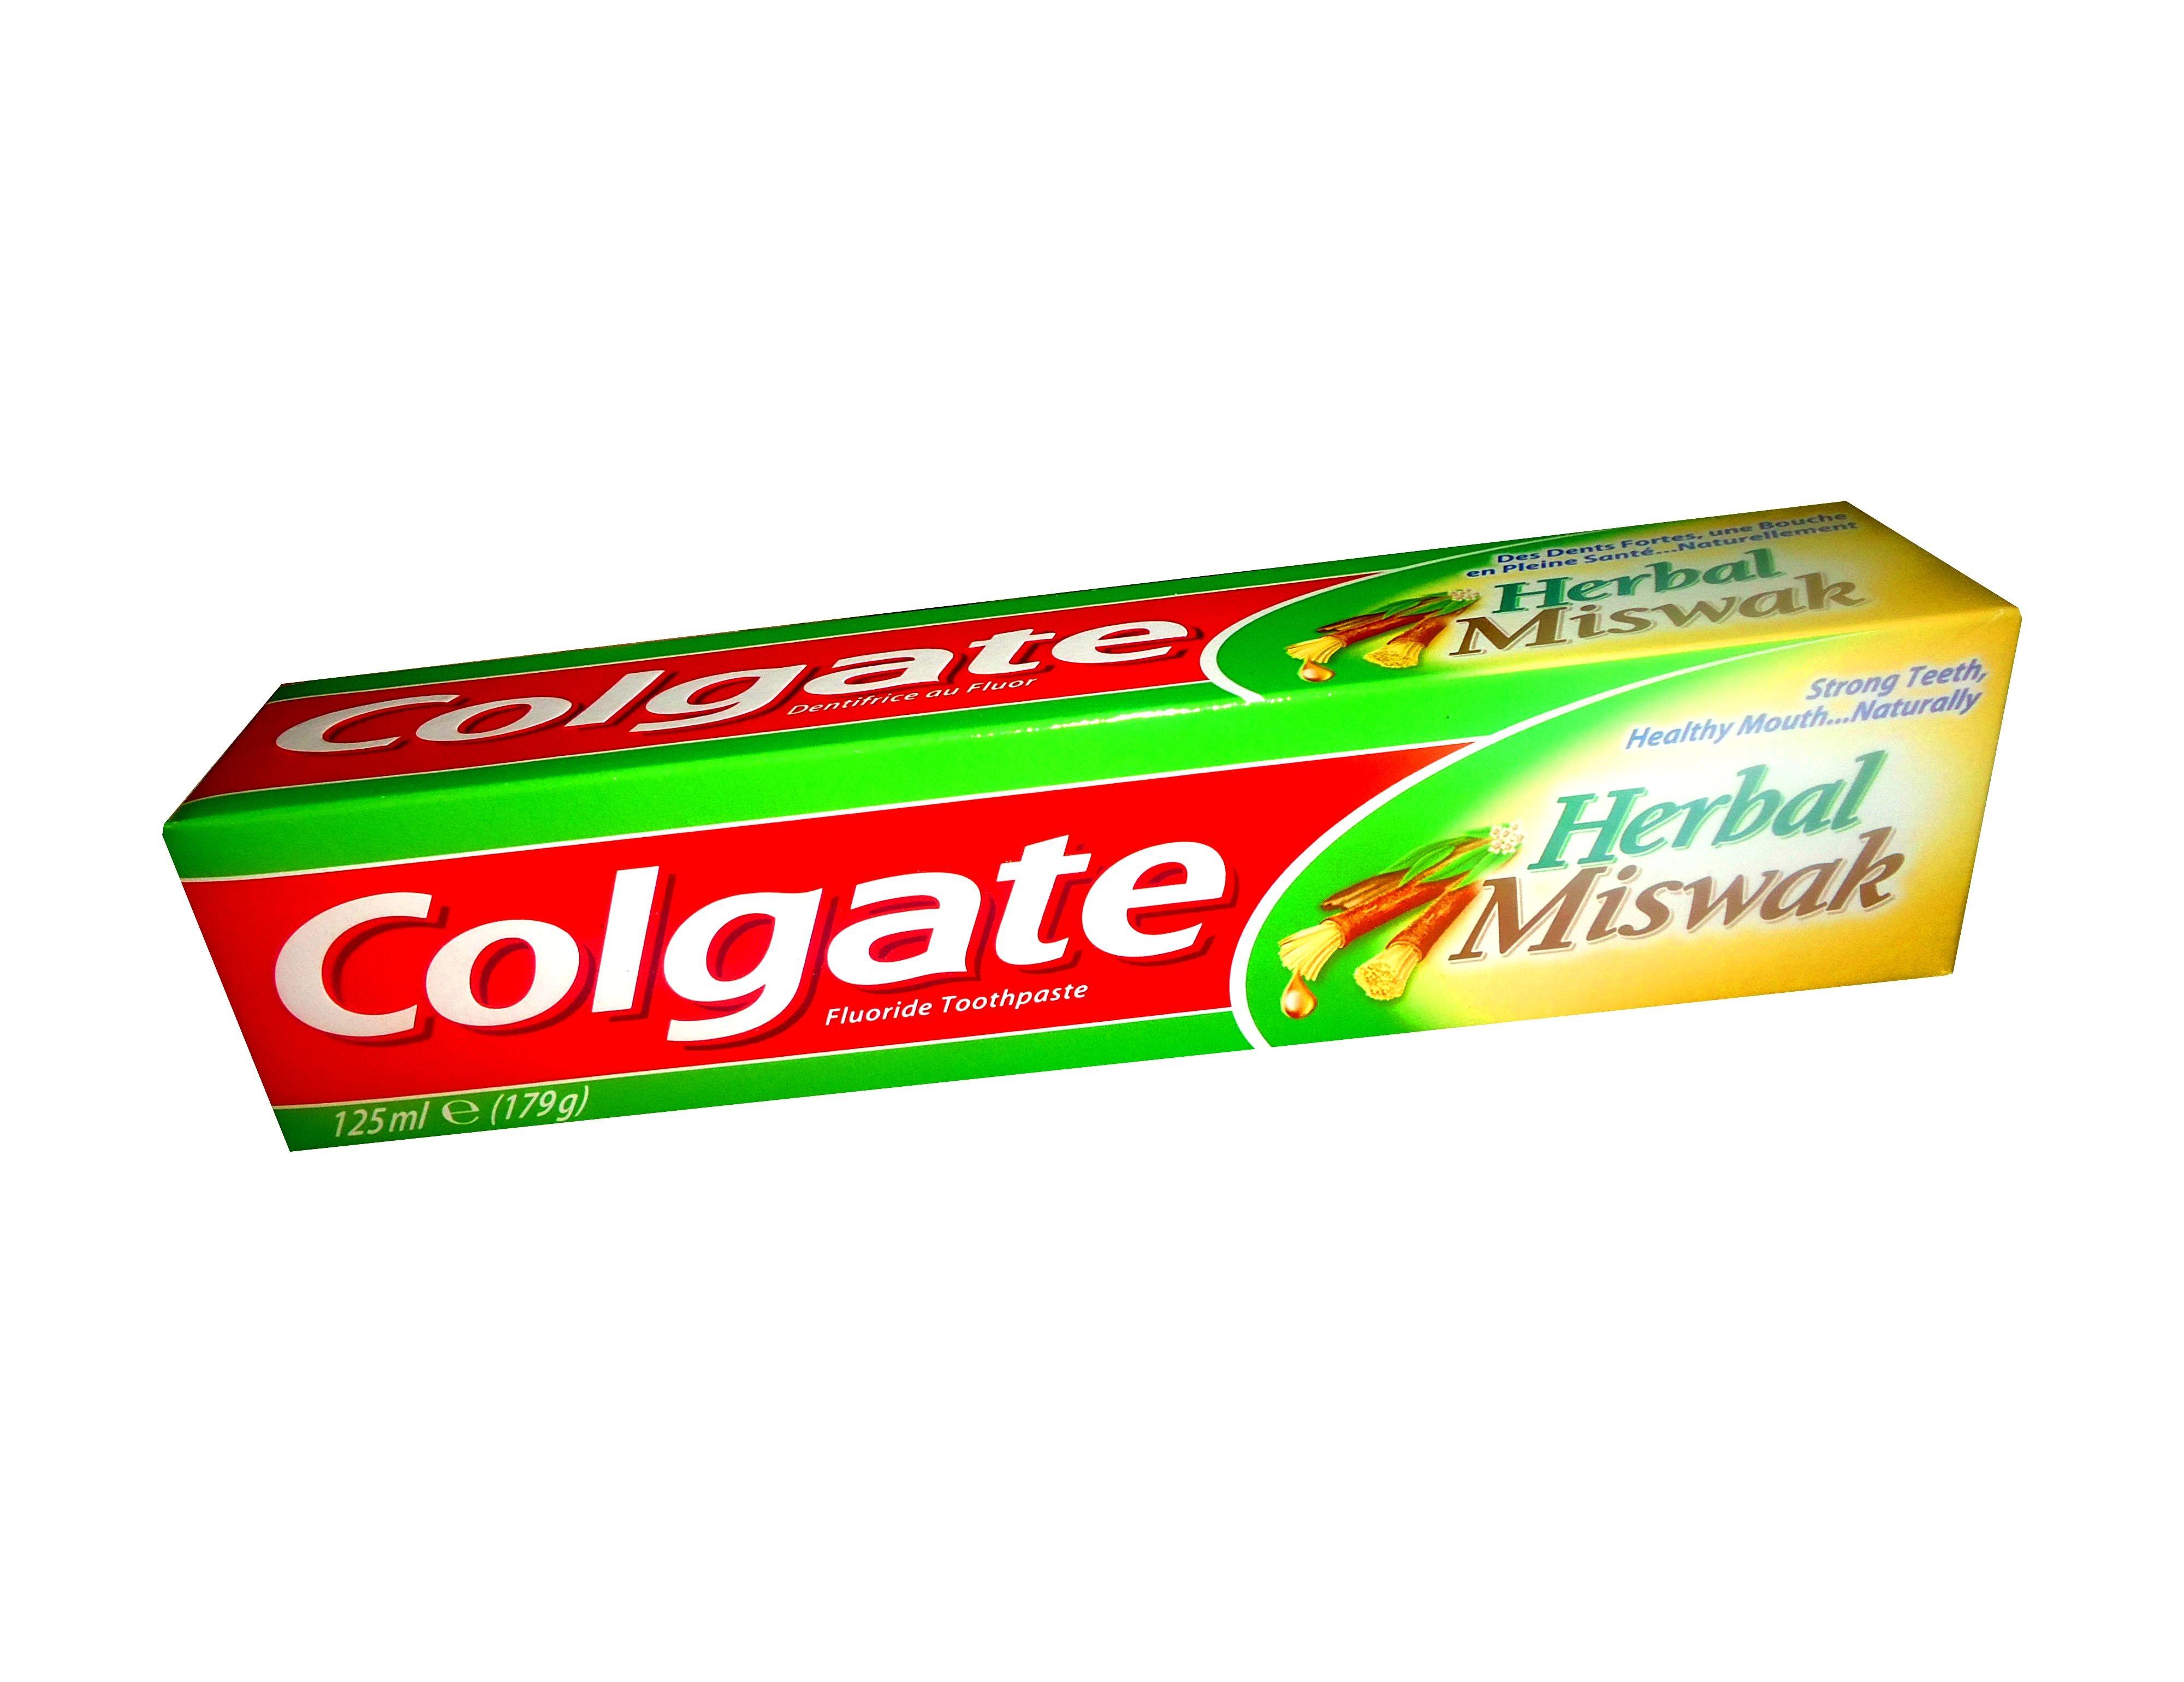 Зубная паста Colgate с экстрактом мишвака 179 г